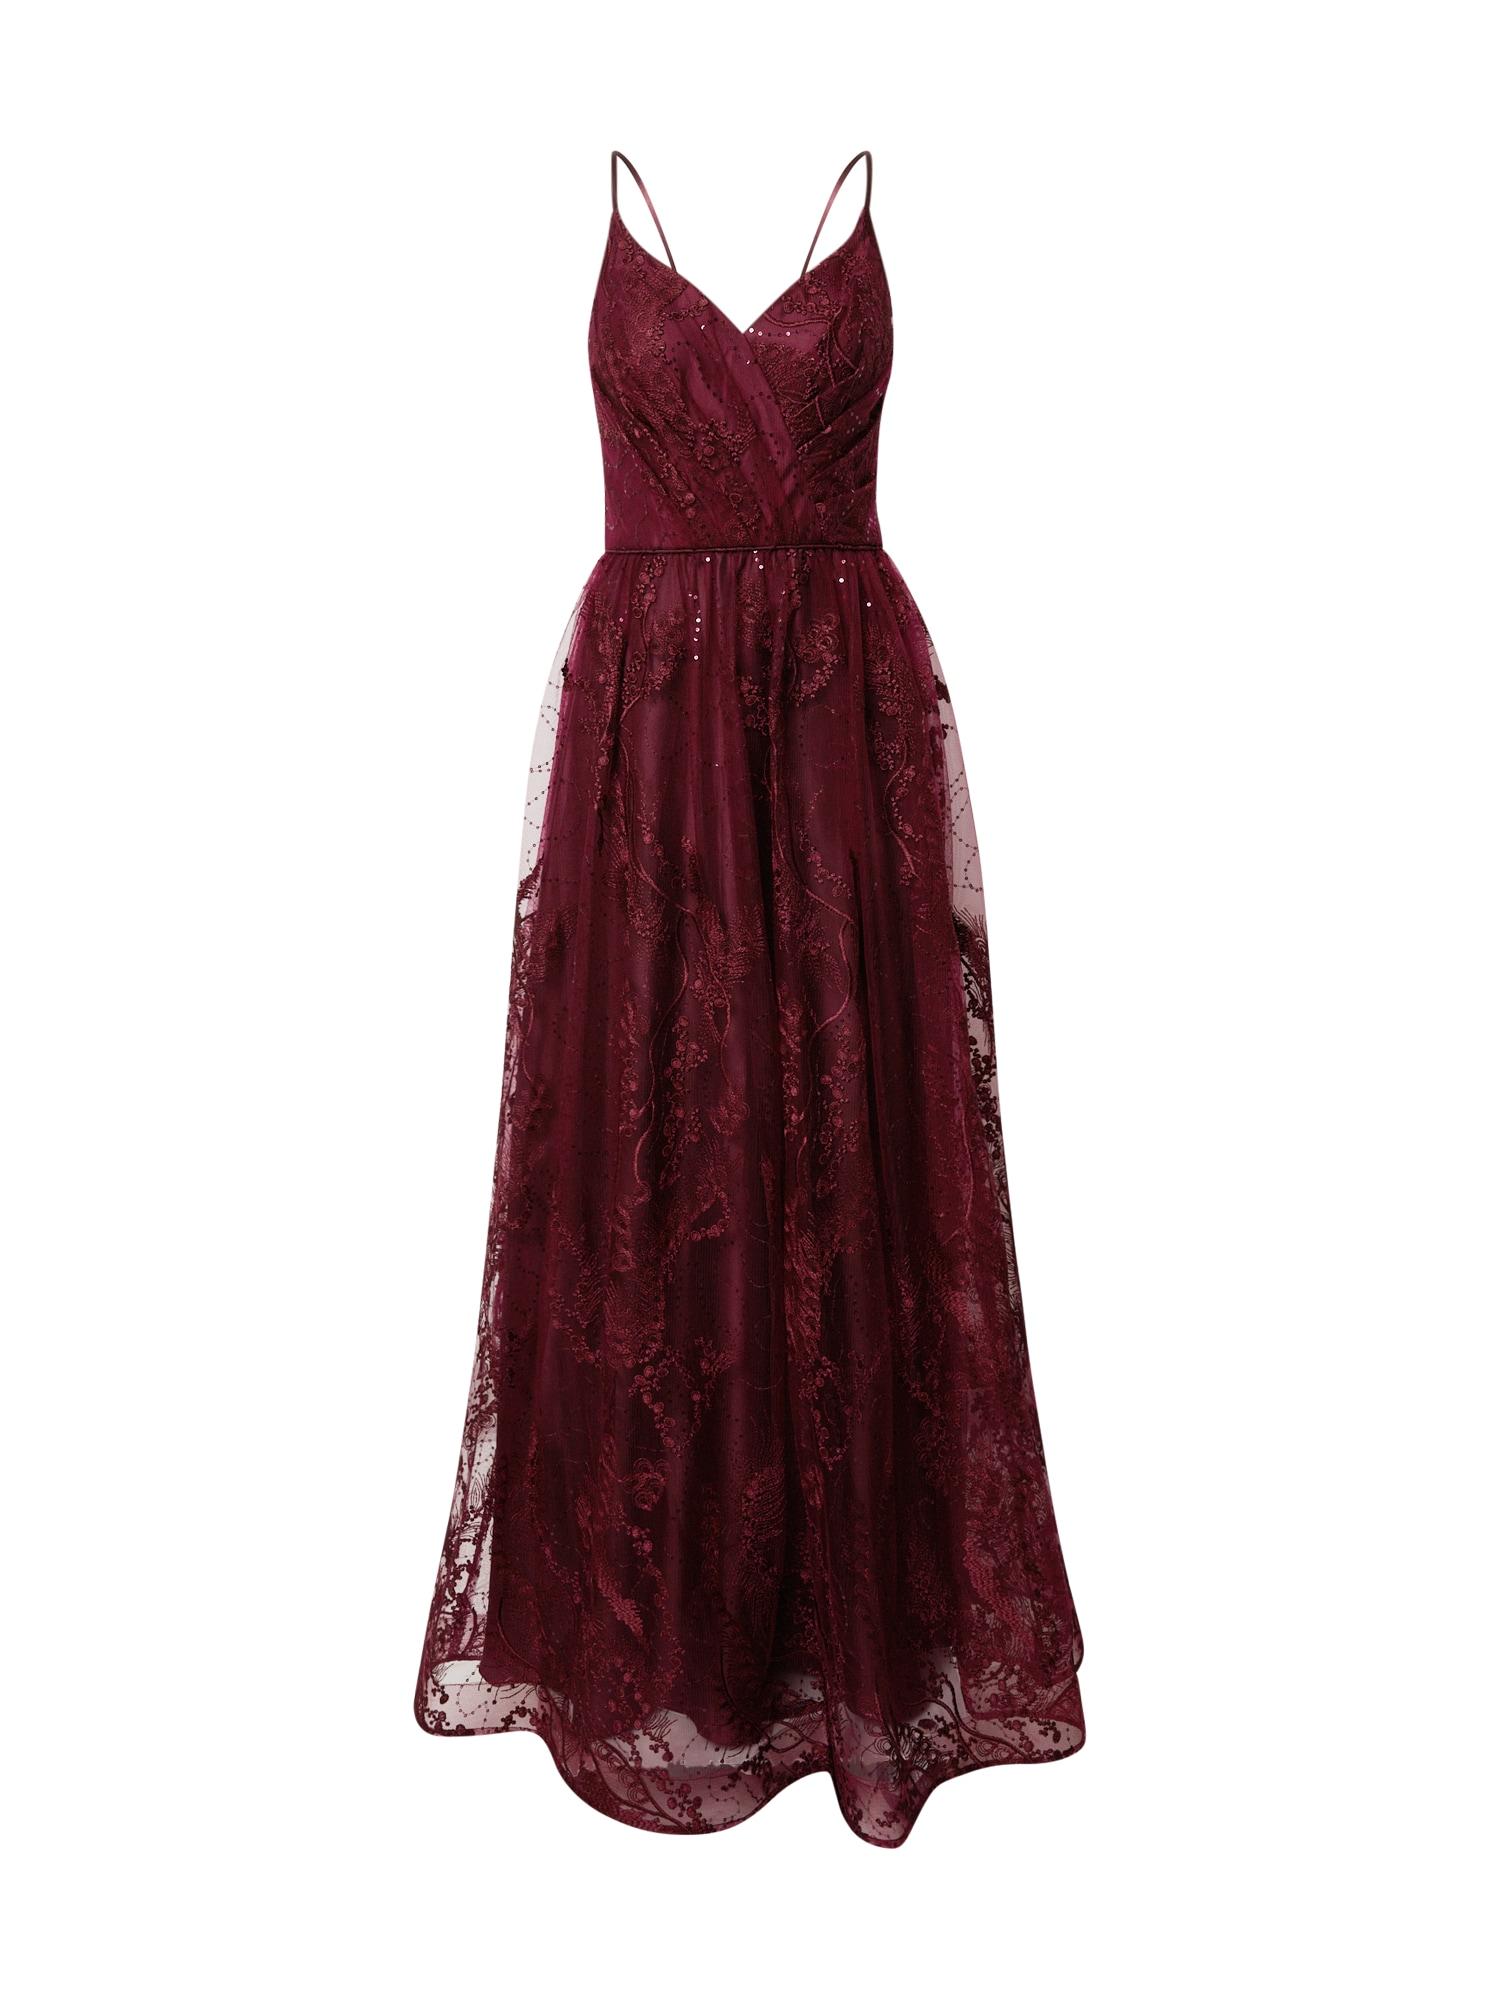 Unique Suknelė tamsiai raudona